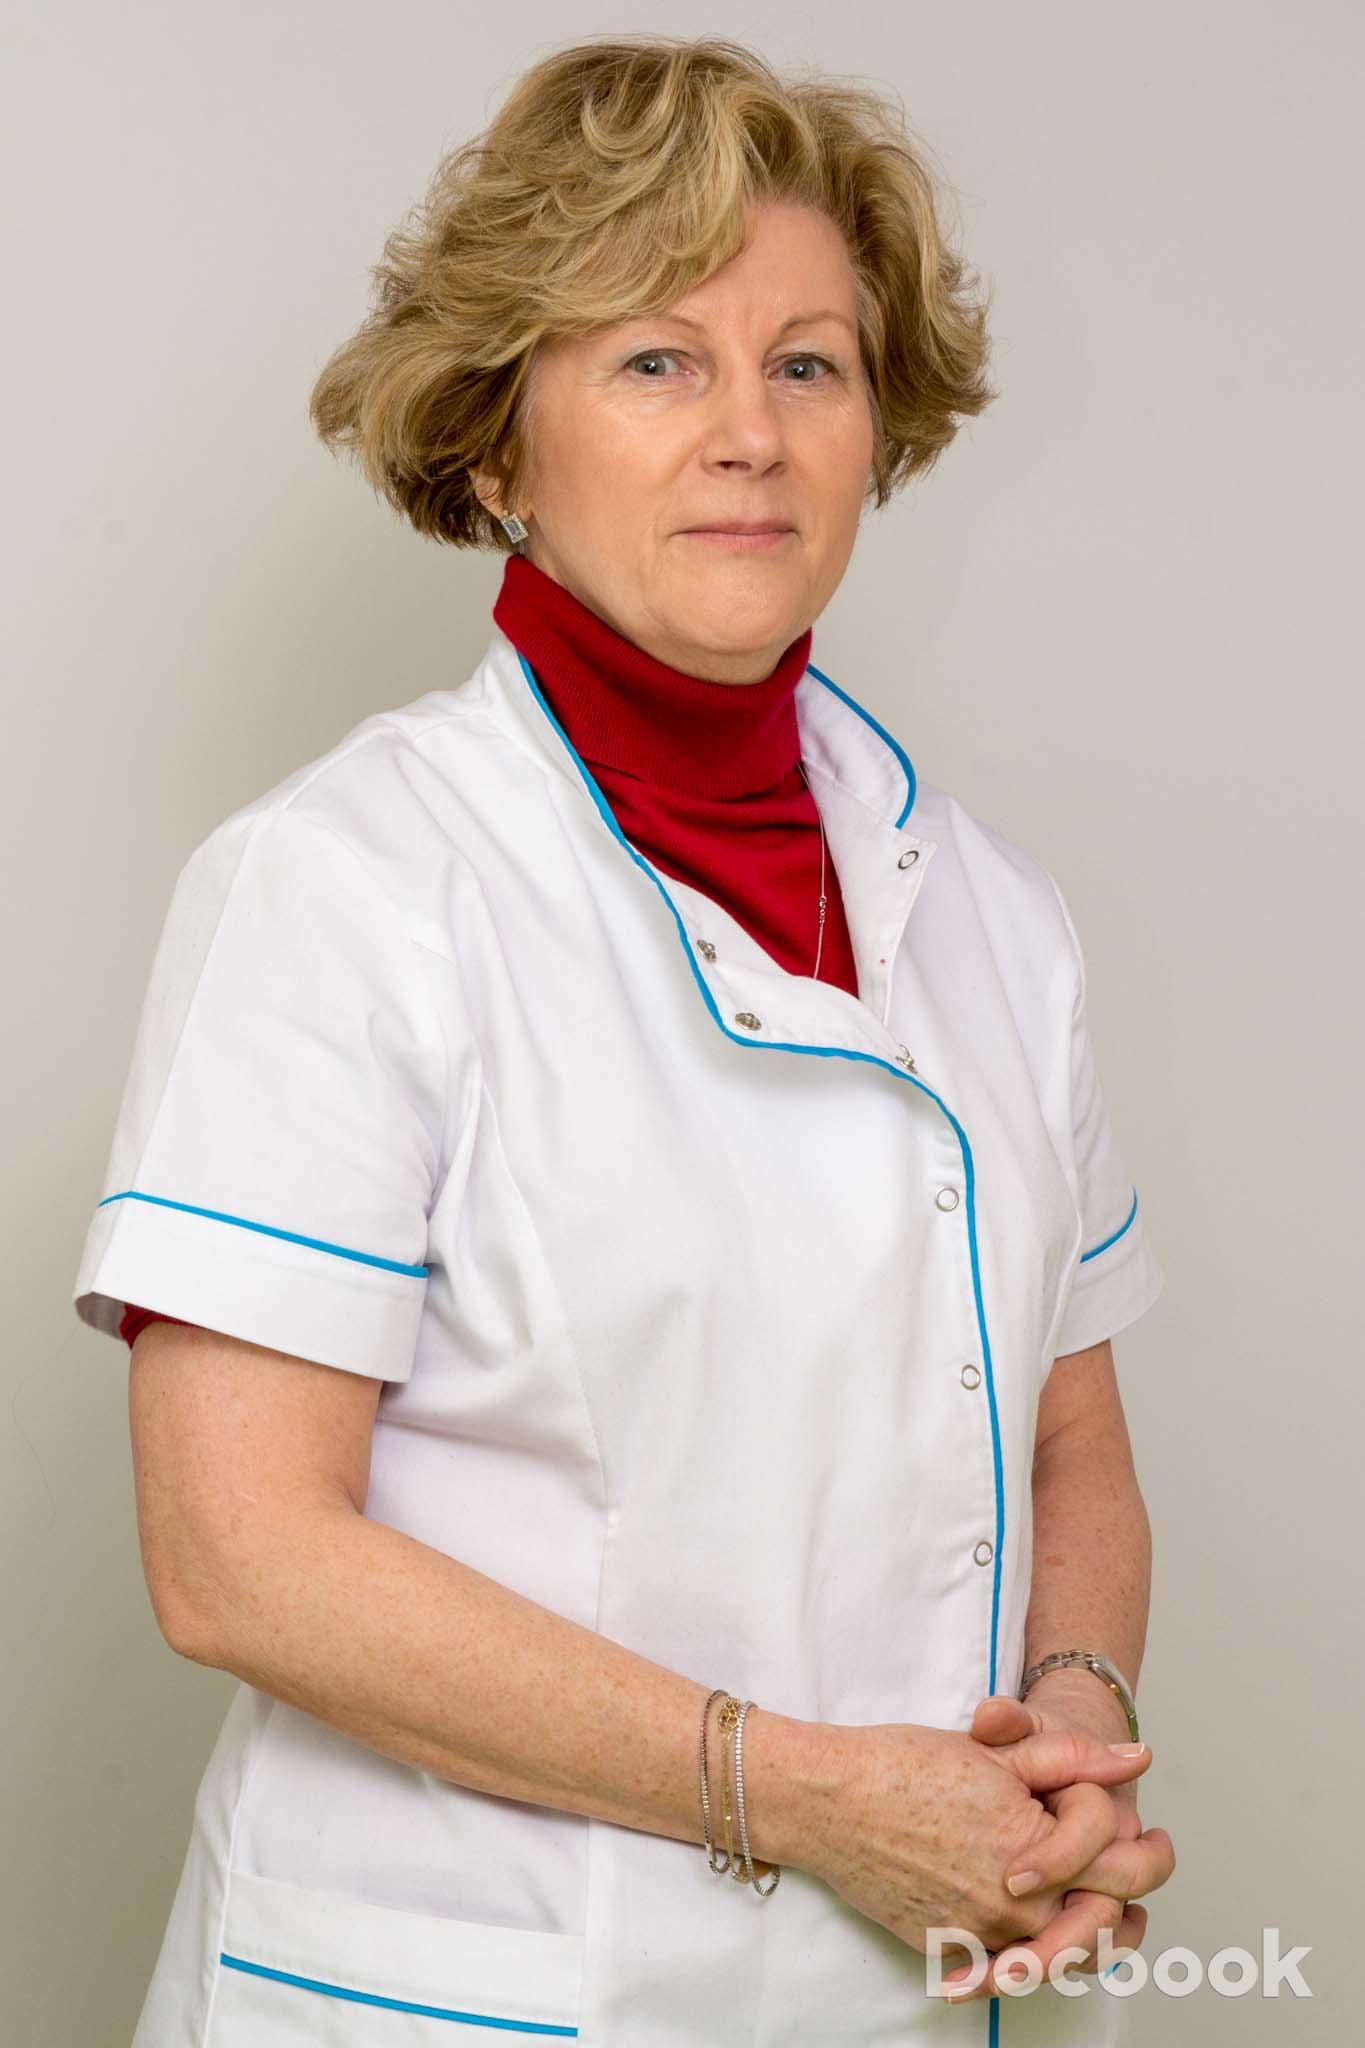 Dr. Ruxandra Vladescu